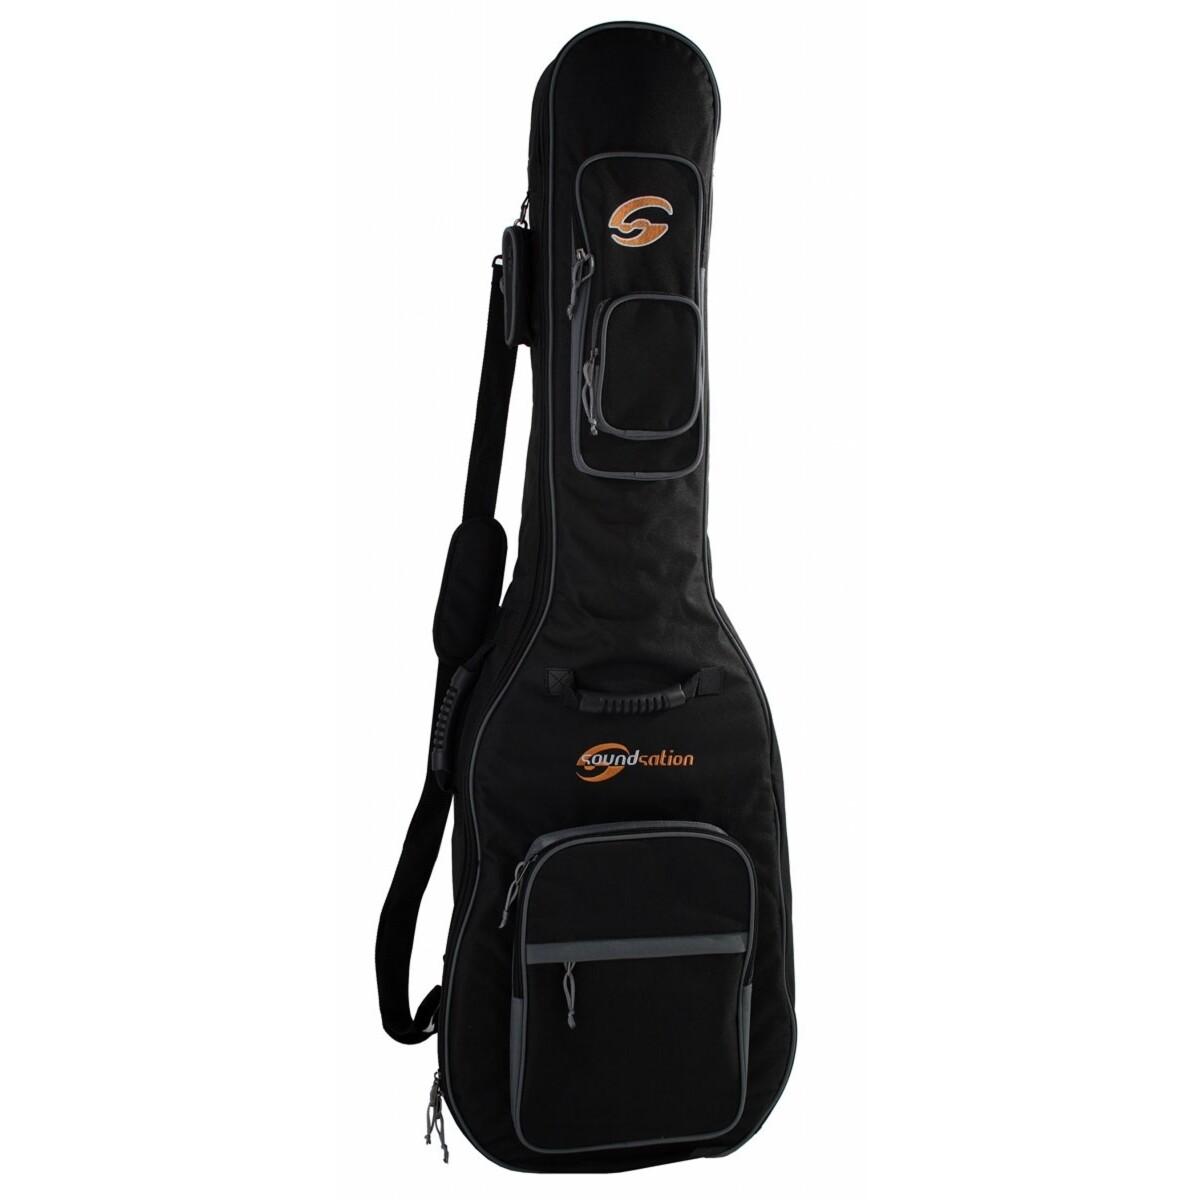 SBG-30-EB Tasche für BASS Gitarre mit 30mm Polsterung